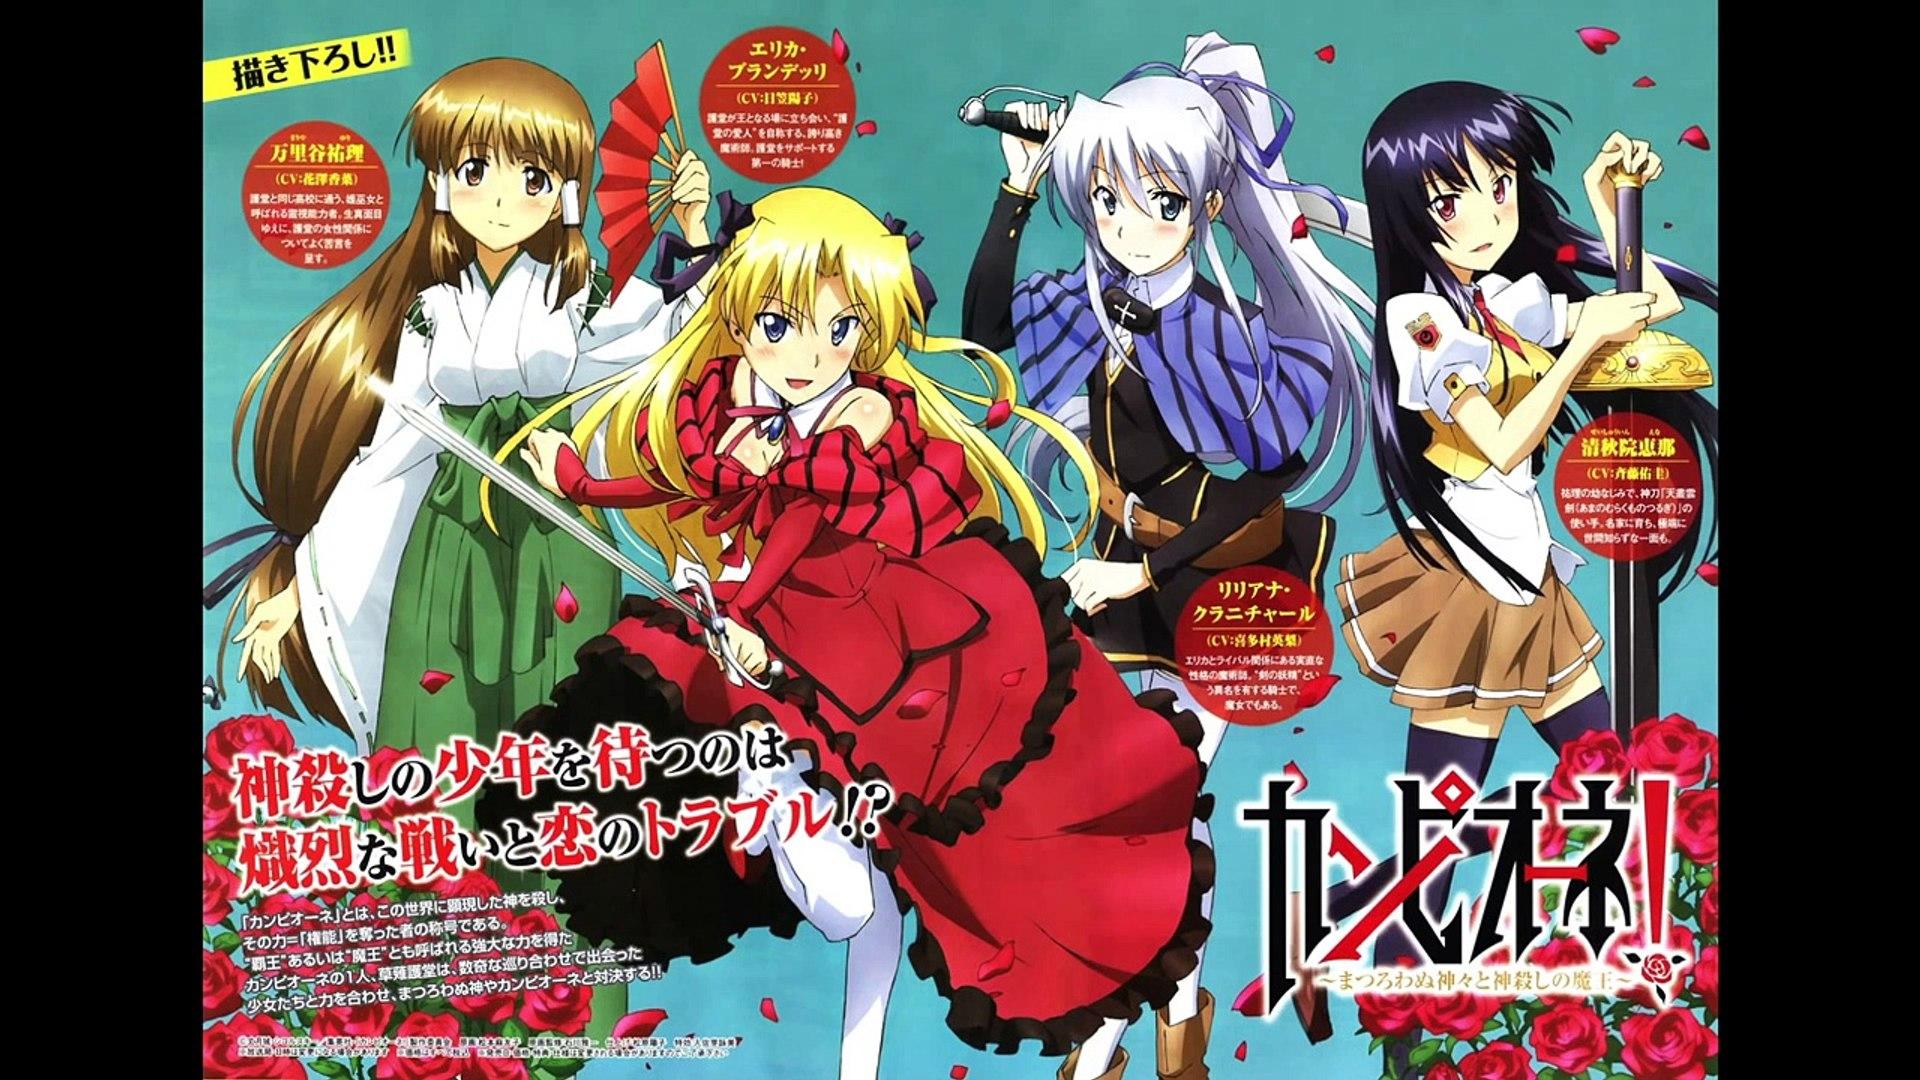 Anime Similar To Mondaiji Tachi Ga Isekai Kara Hd Dailymotion